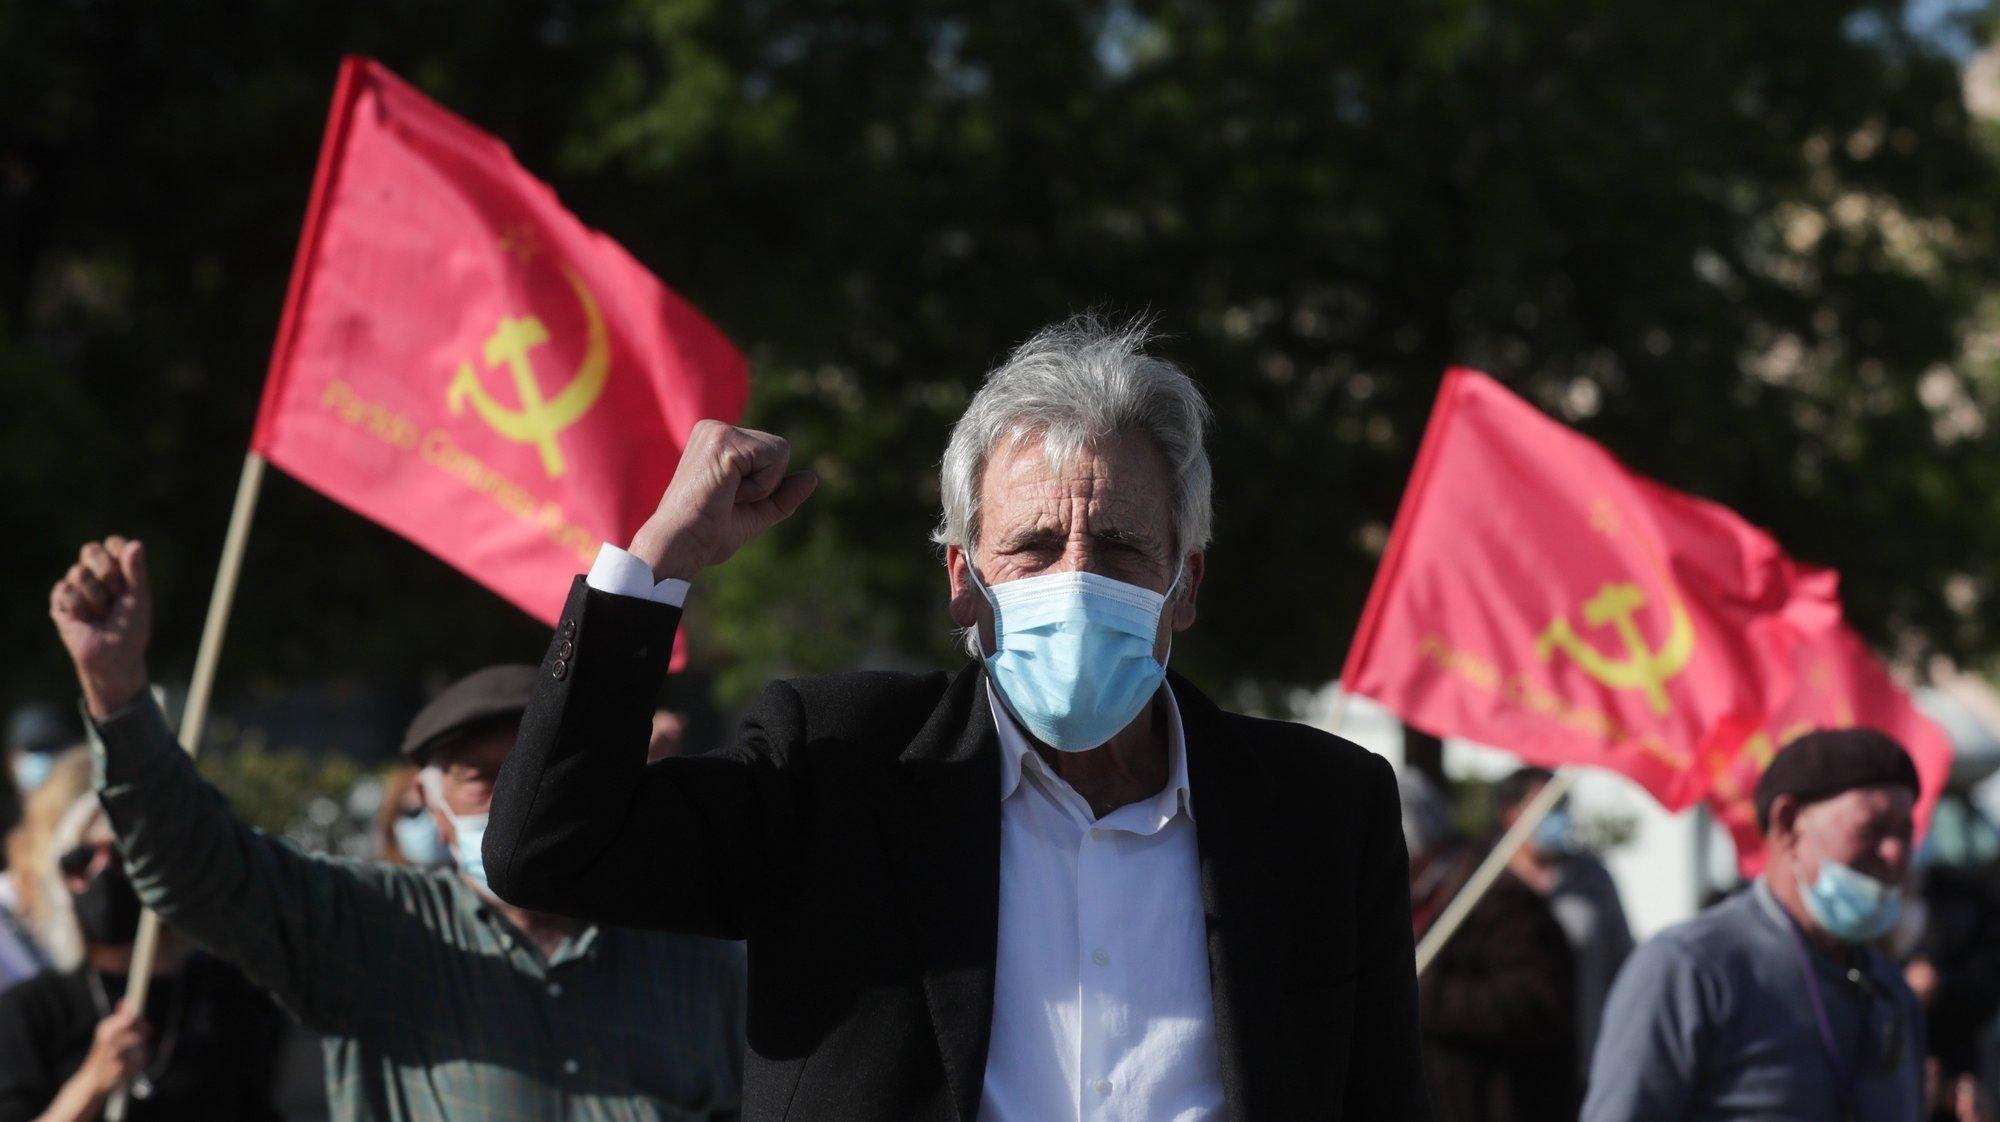 """O secretário-geral do Partido Comunista Português (PCP), Jerónimo de Sousa, participou na sessão """"Centenário de Baptista Pereira - Uma vida de luta e dignidade"""" em Alhandra, 14 de março de 2021. TIAGO PETINGA/LUSA"""